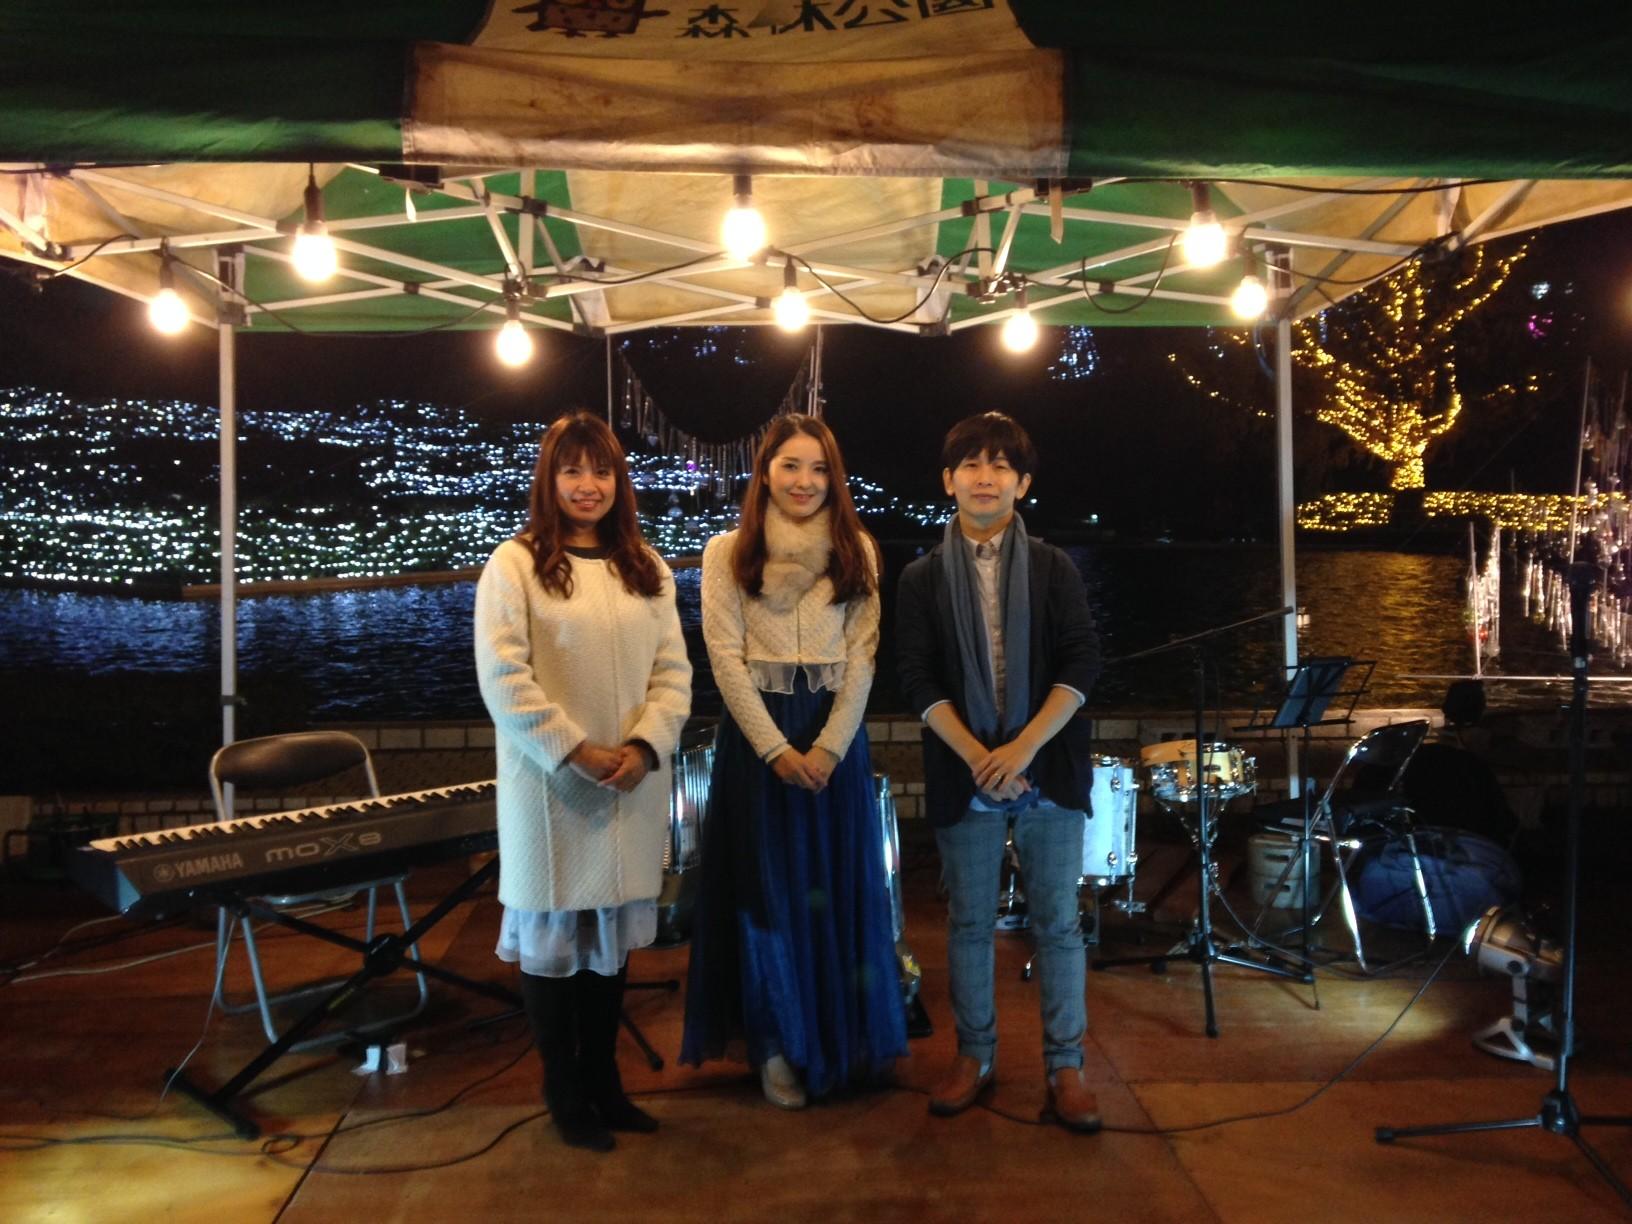 2015.11.22 『森林公園フォレストナイトコンサート』@埼玉